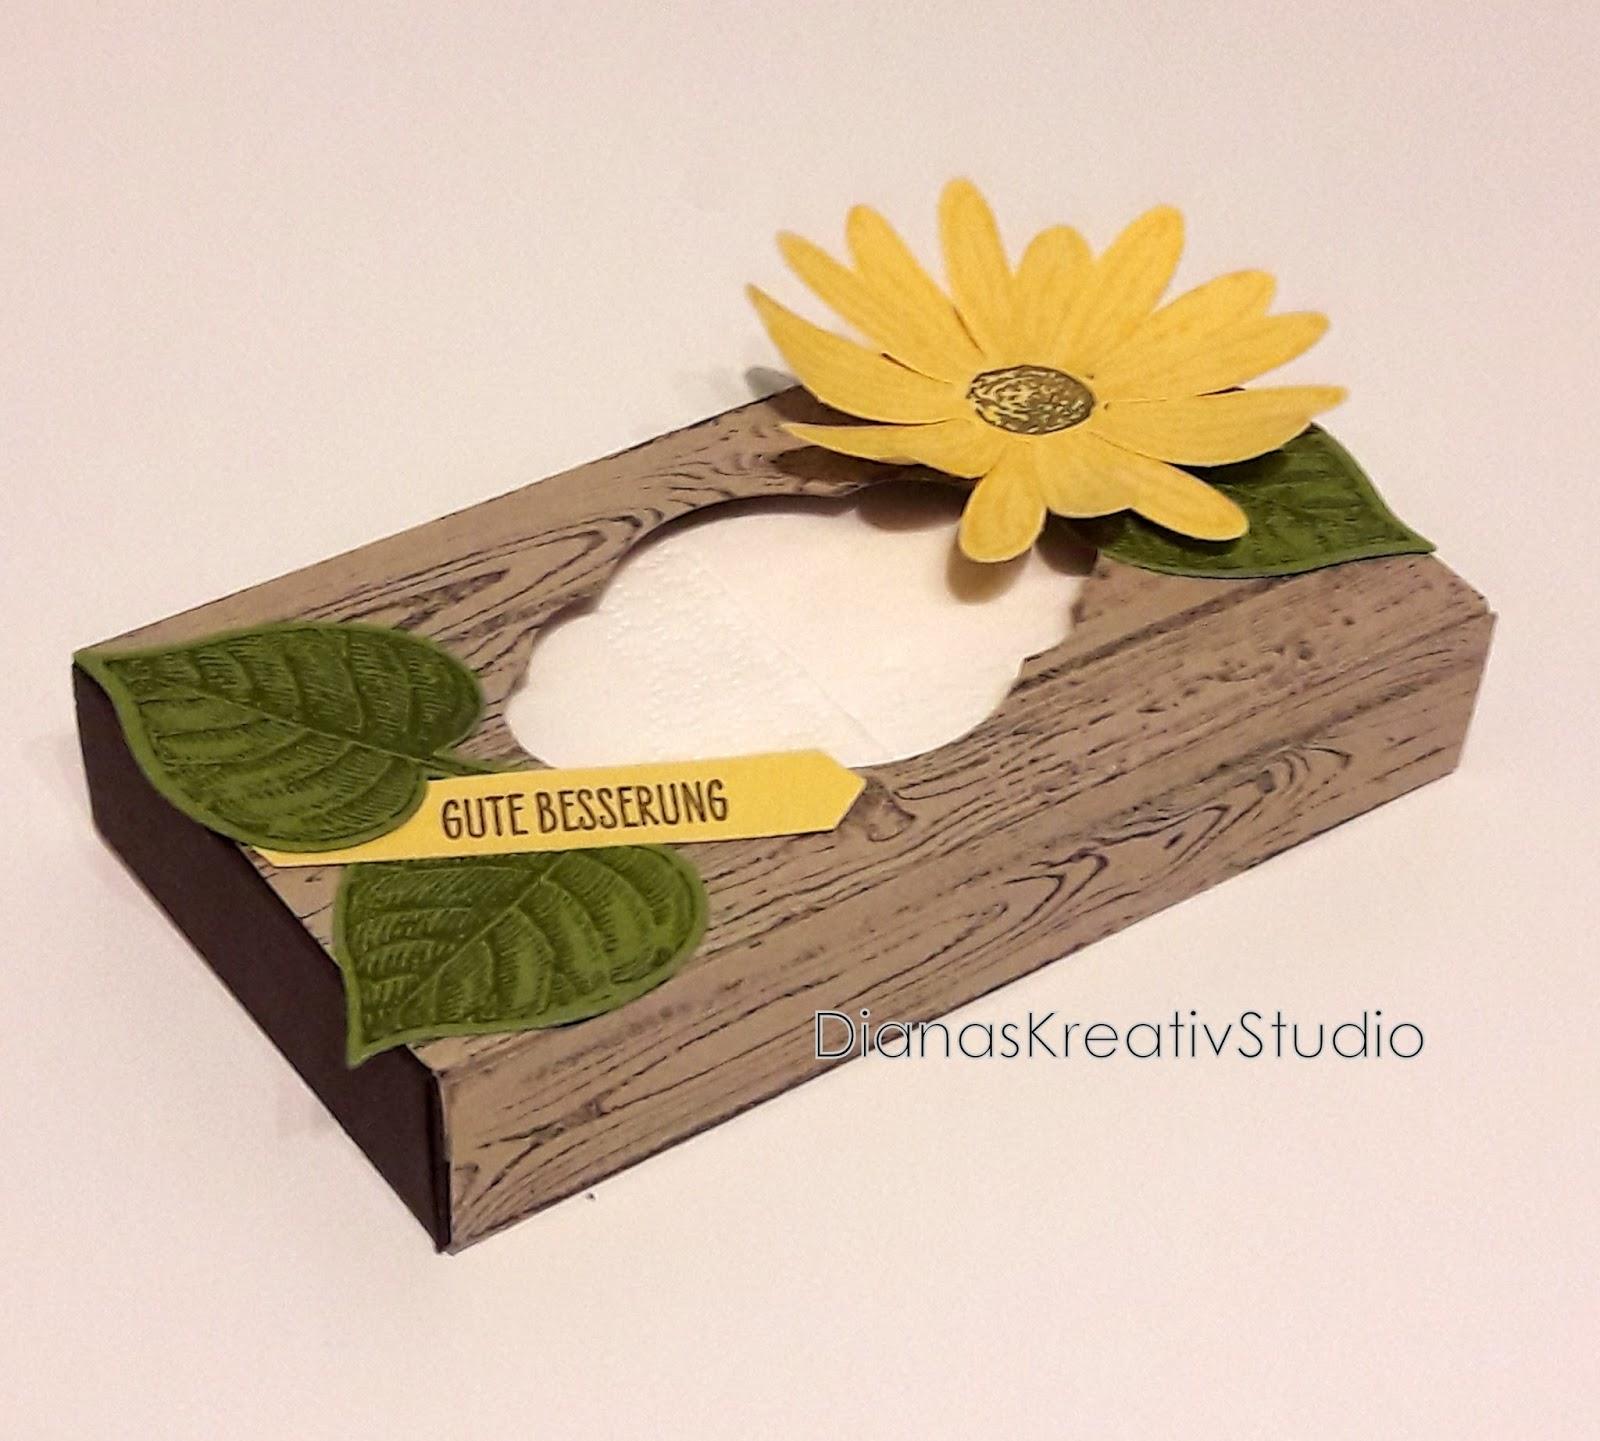 dianaskreativstudio sch nes aus papier taschent cherbox mit blume. Black Bedroom Furniture Sets. Home Design Ideas